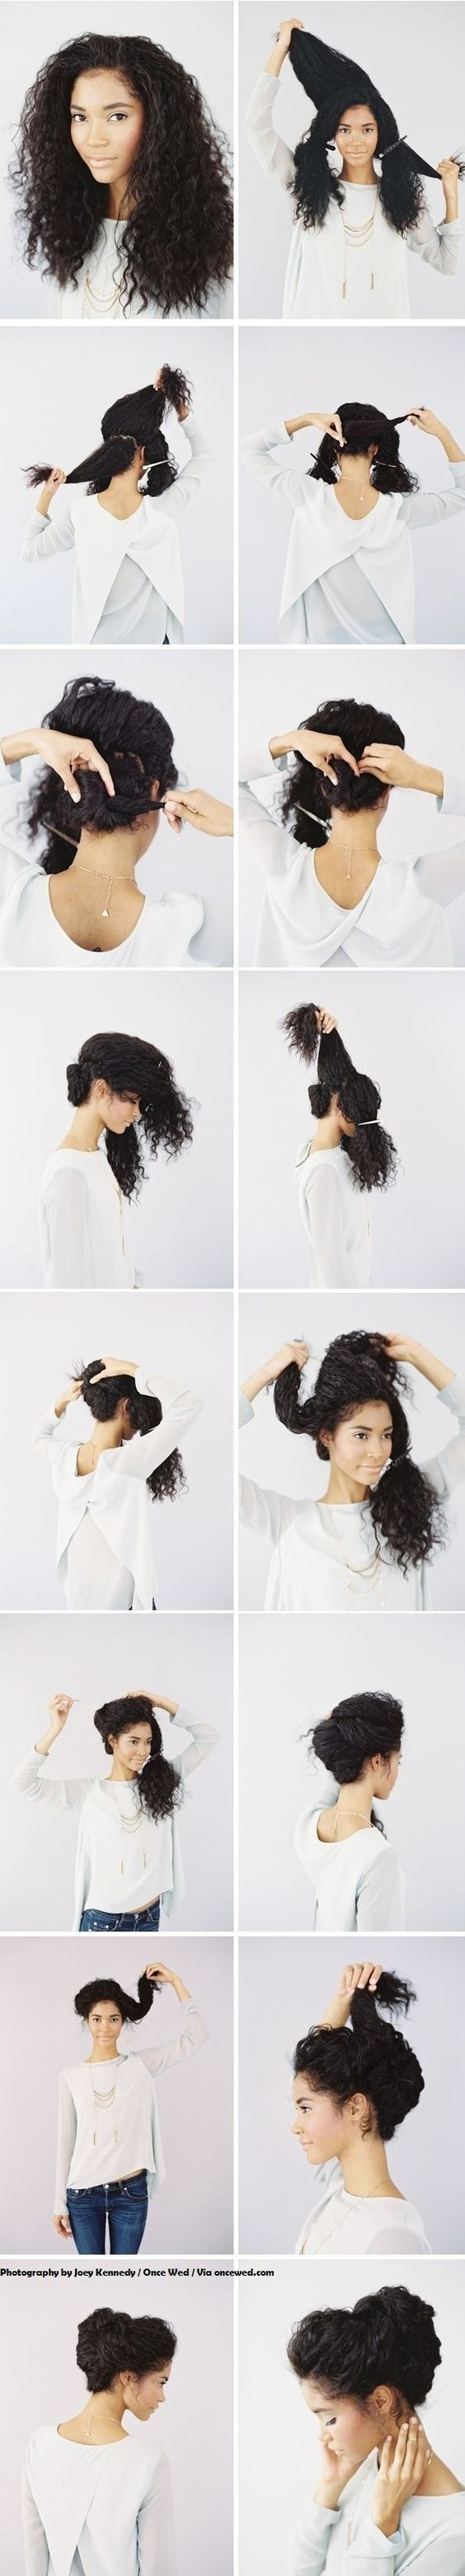 coiffure-cheveux-bouclés-1